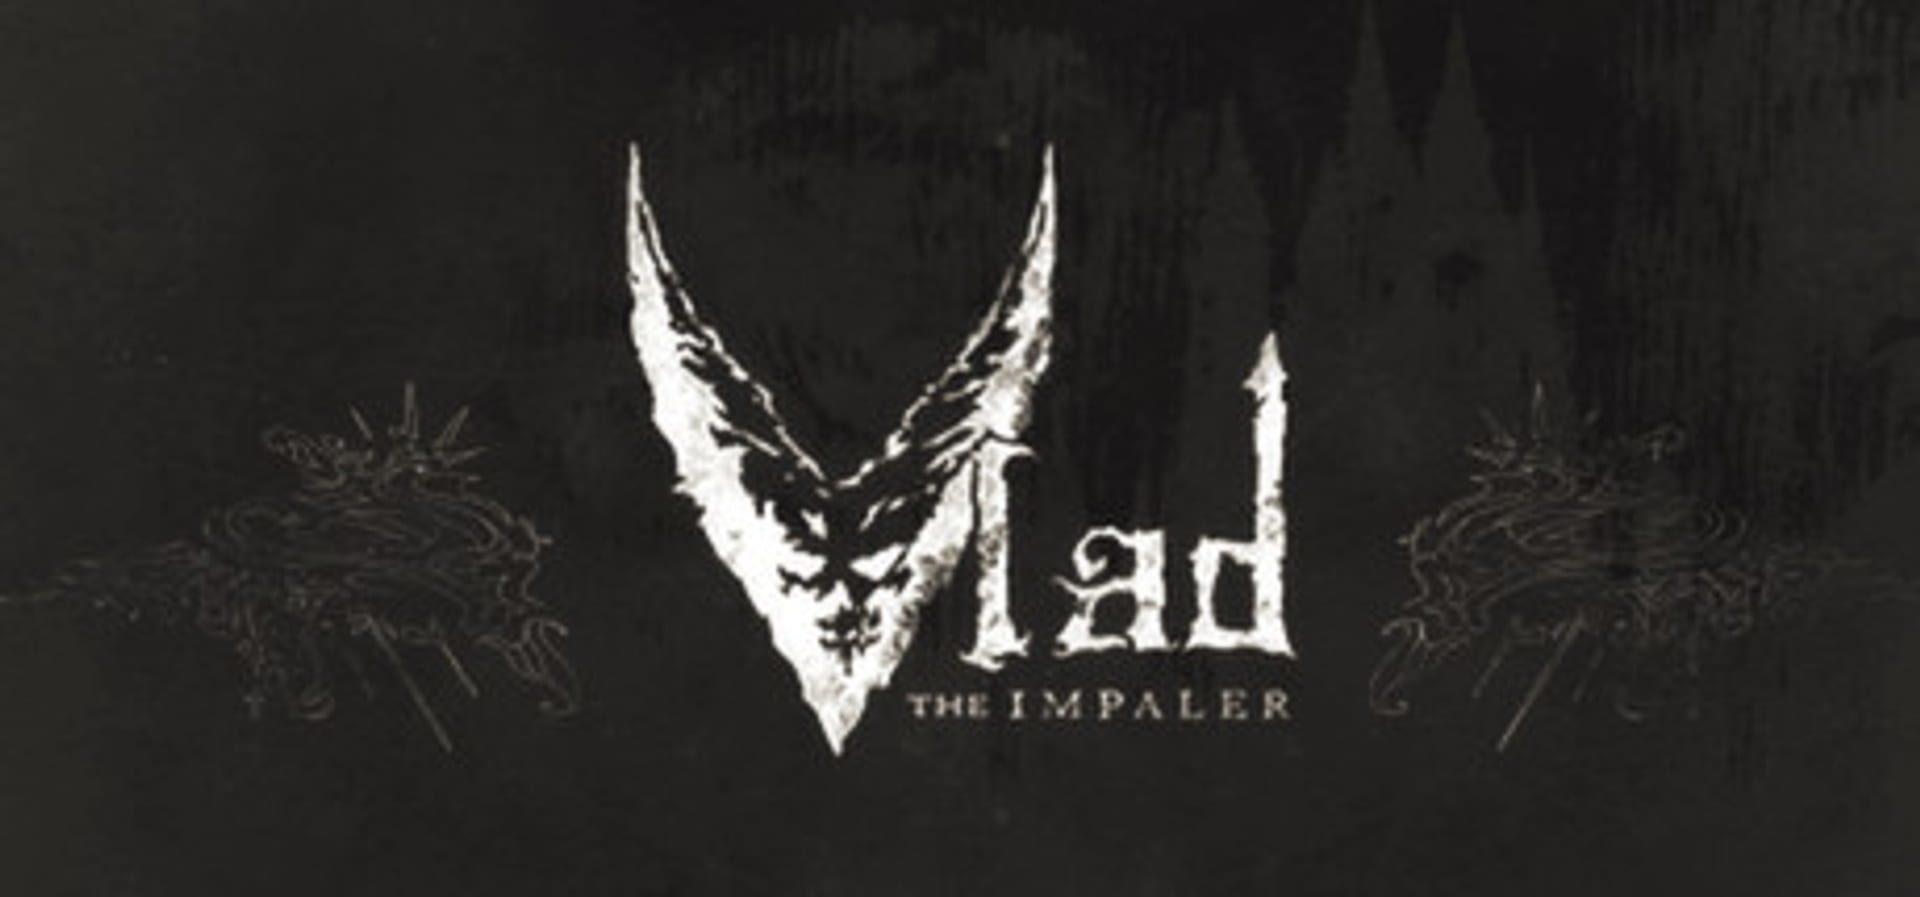 buy Vlad the Impaler cd key for pc platform